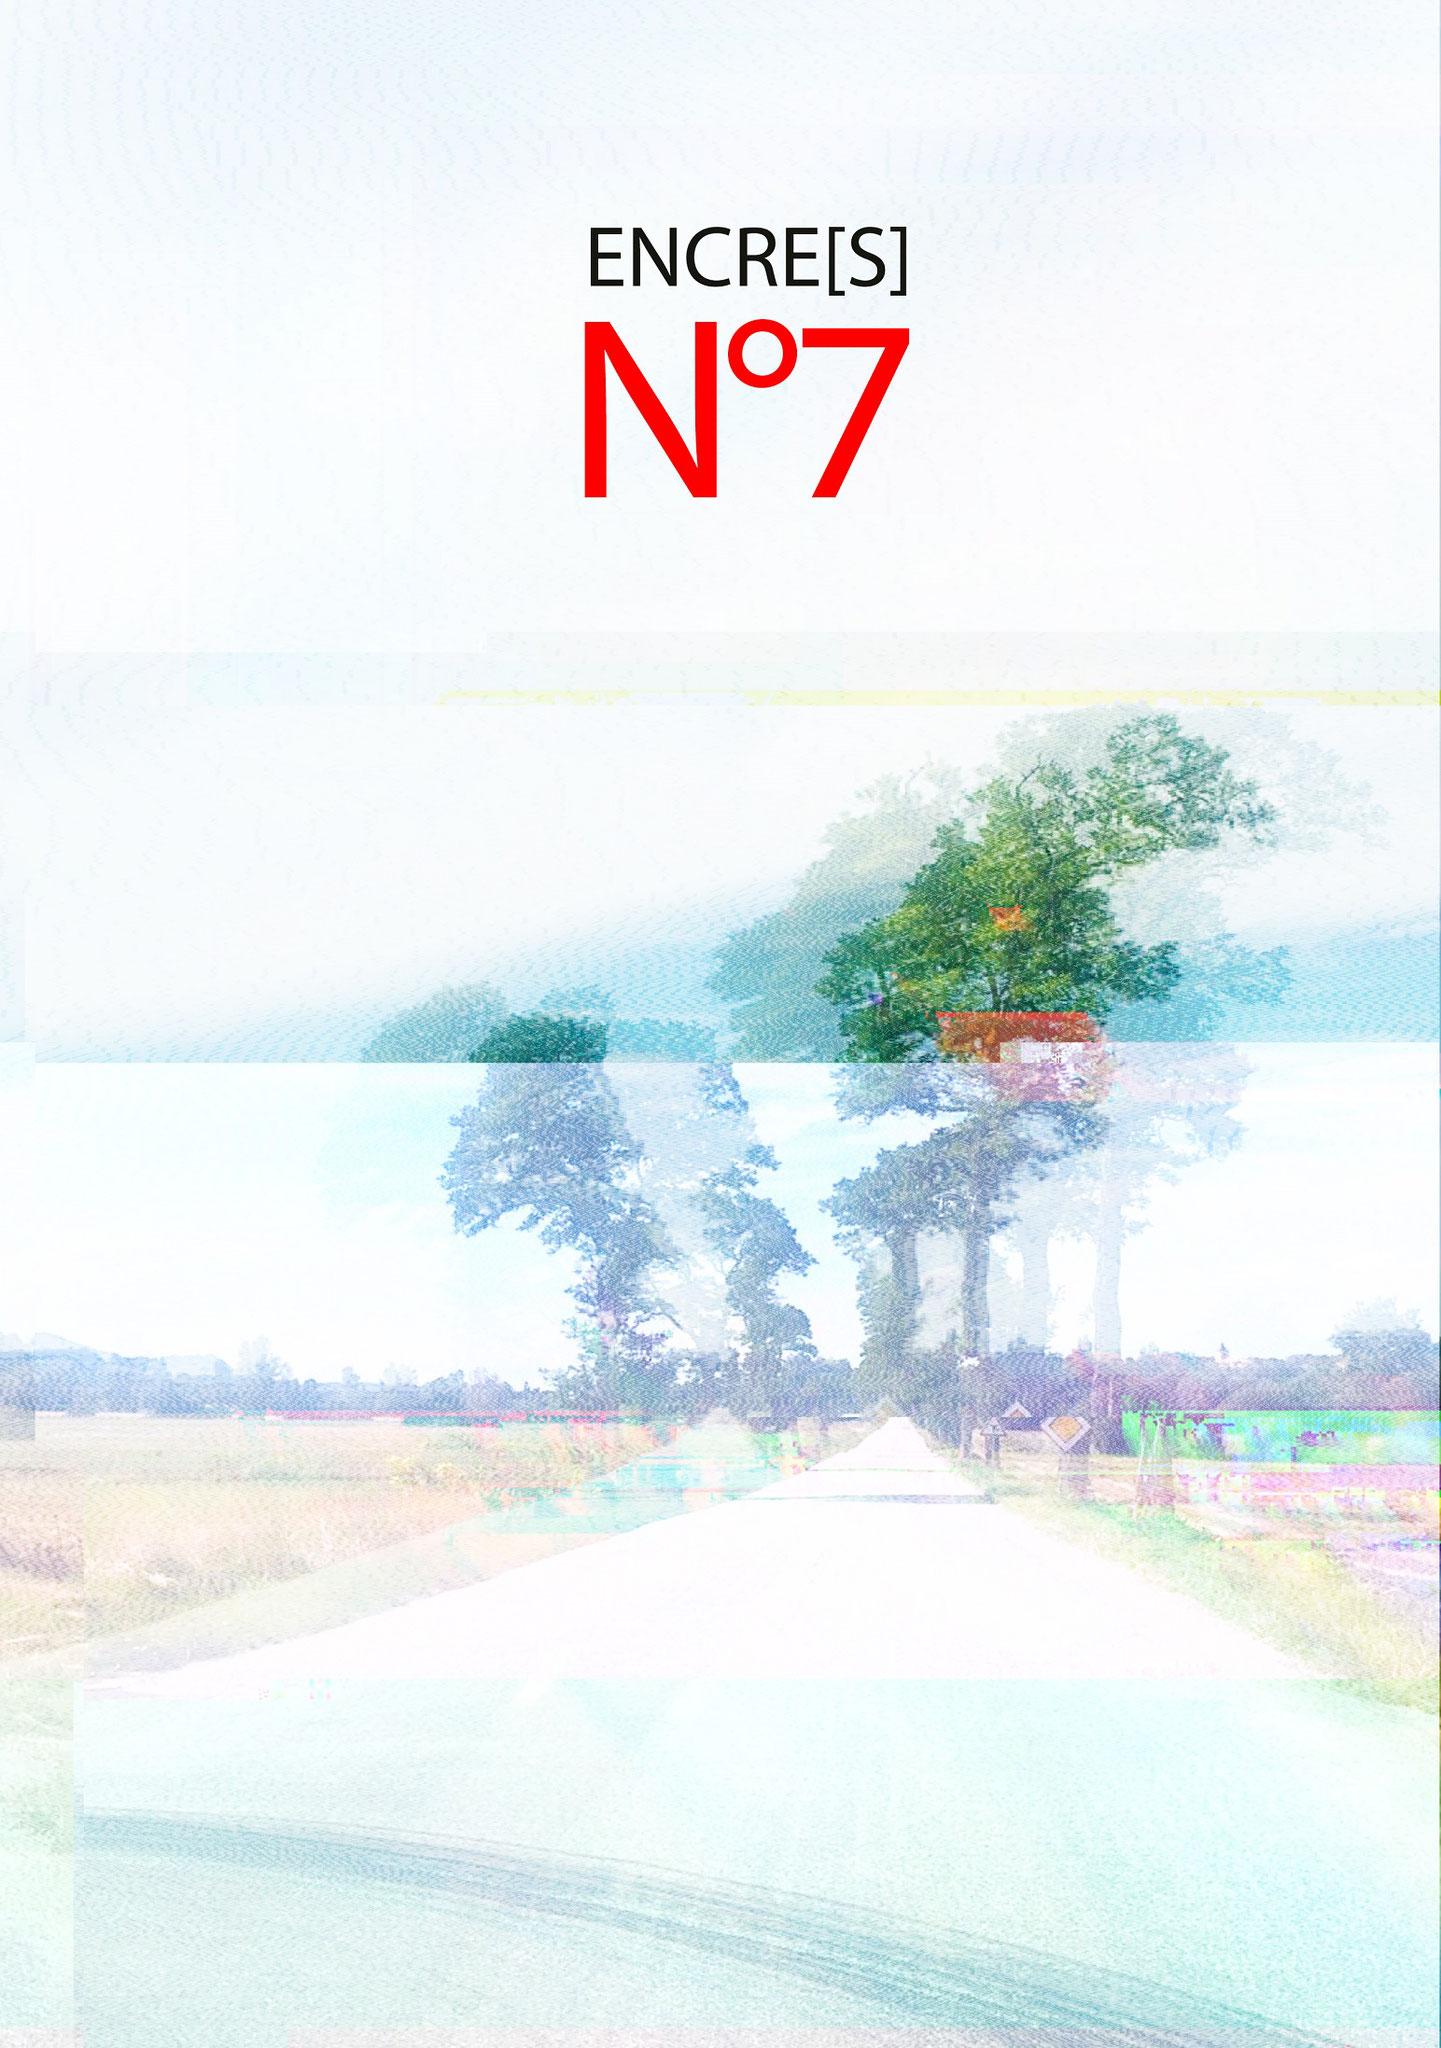 Encre(s) n°7, Revue de 114 pages, 21x29.7cm, Revue Encre(s), 2020